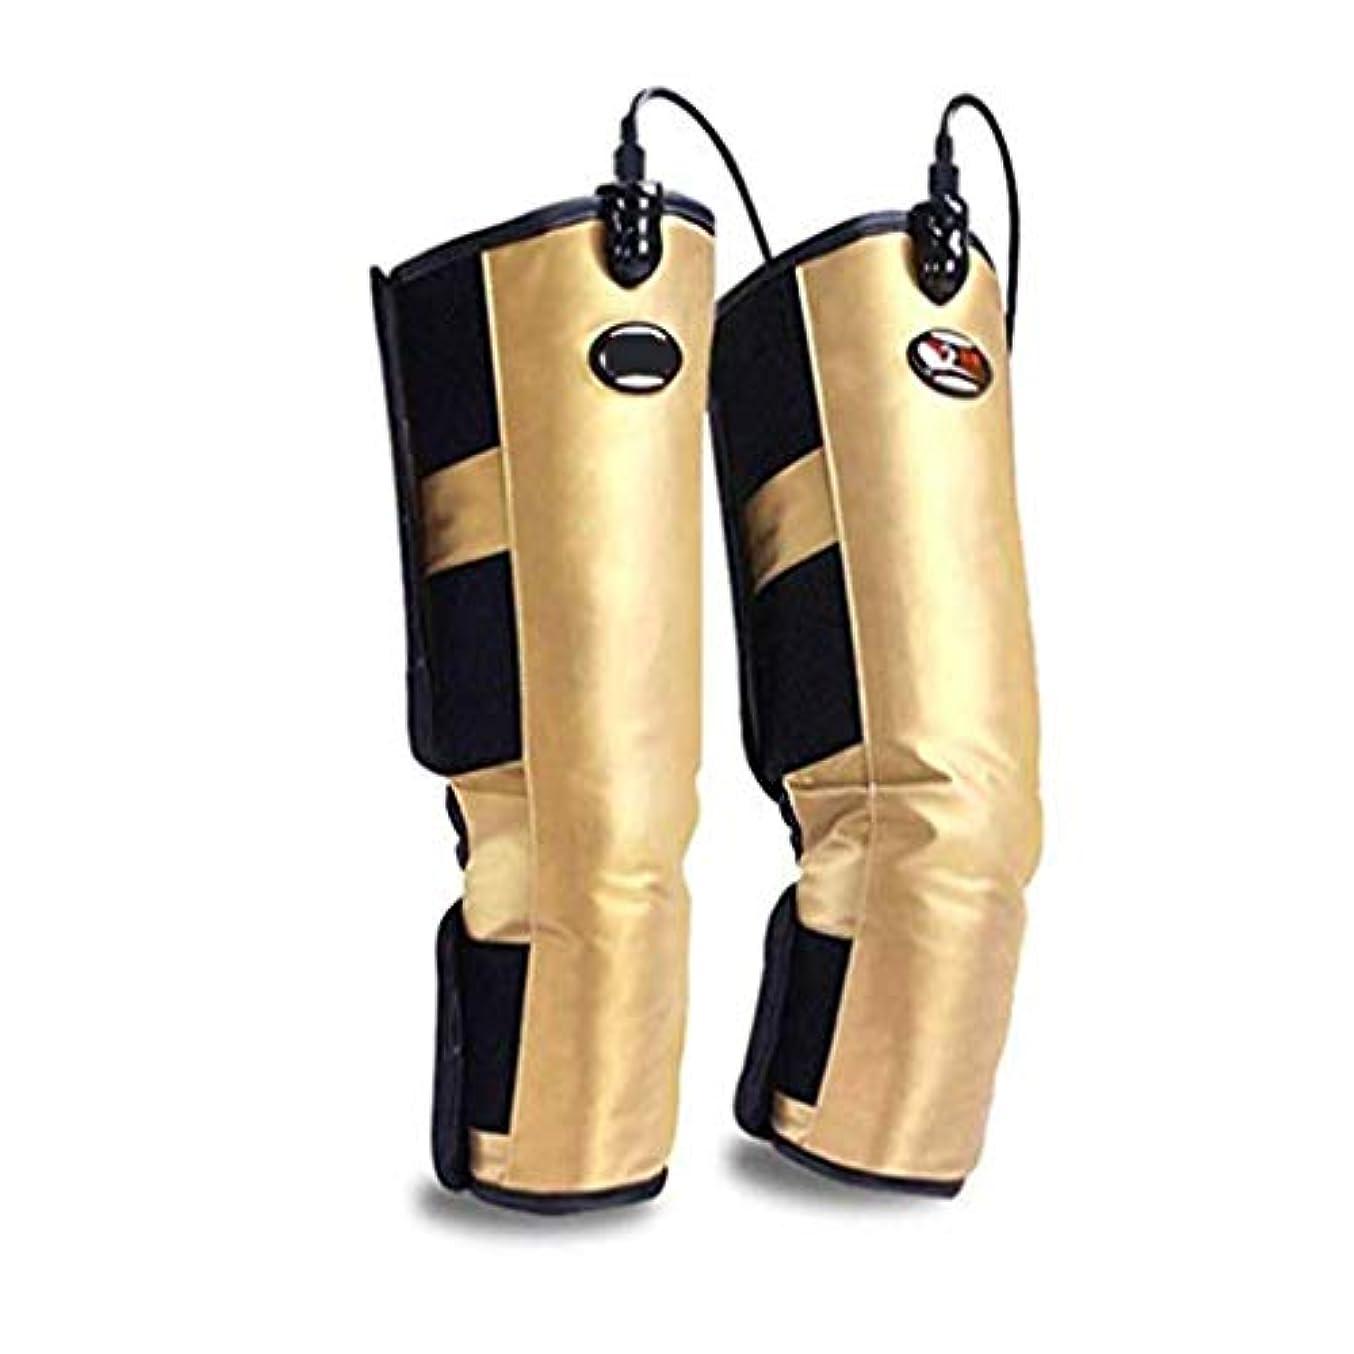 着飾るホース無限膝レギンス用電気加熱パッド、膝ブレースラップサポート、脚循環用、膝捻挫痙攣関節炎の痛み